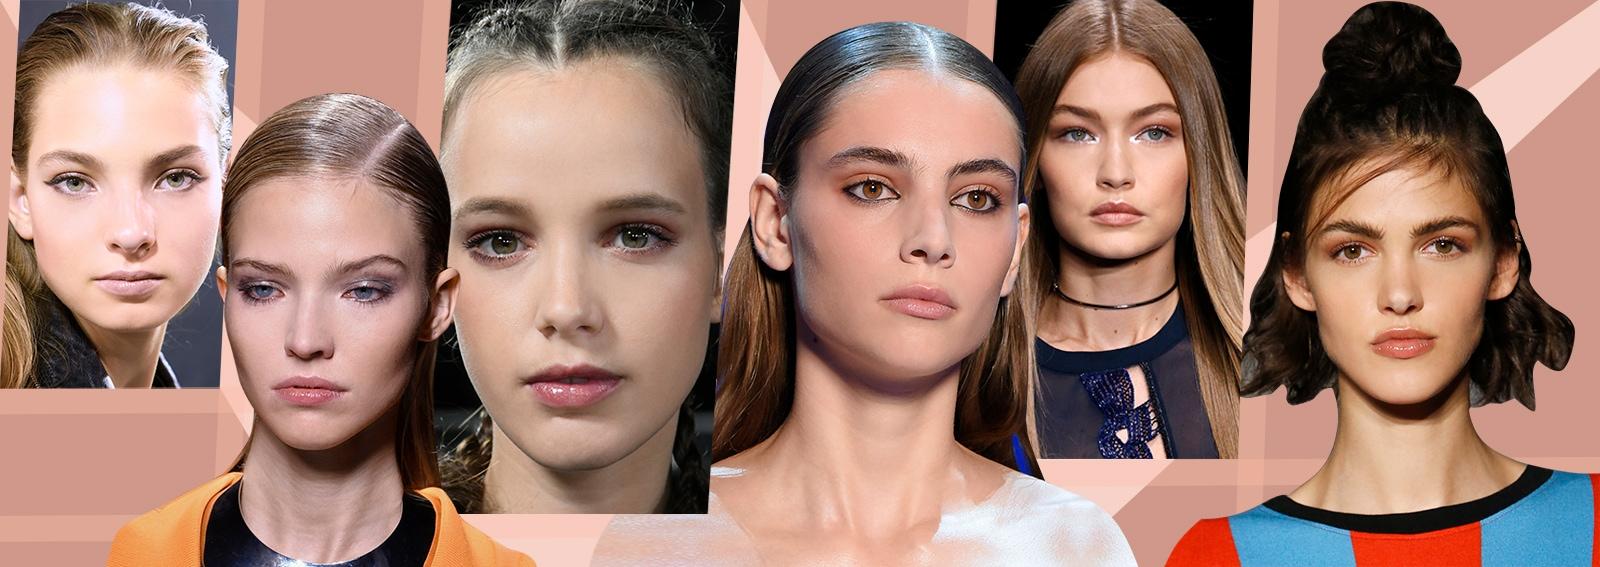 Make up nude i migliori beauty look per la Primavera-Estate 2017-desktop